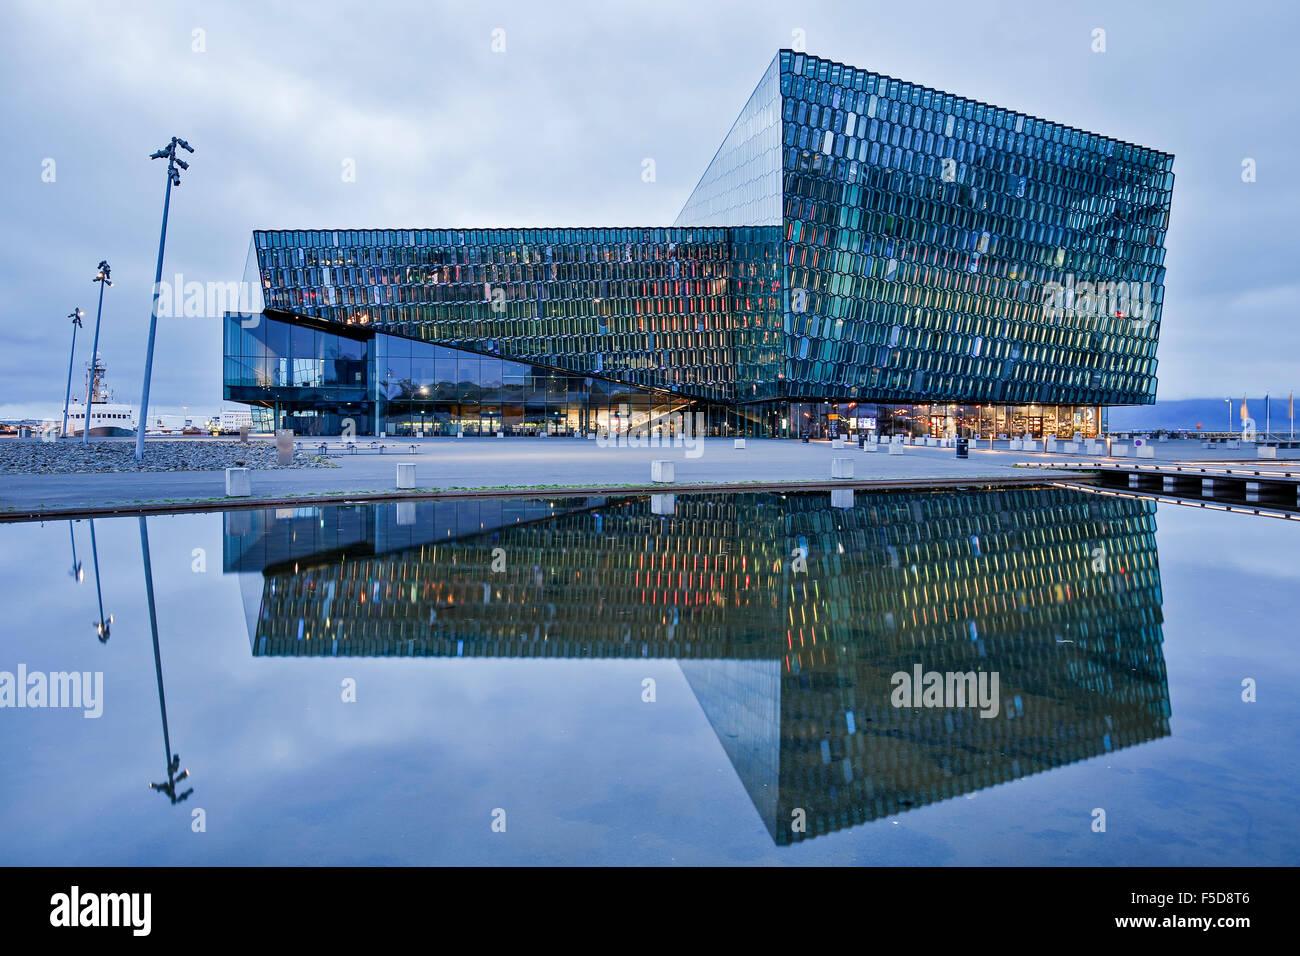 Harpa Concert Hall et centre de conférences, Reykjavik, Islande Photo Stock